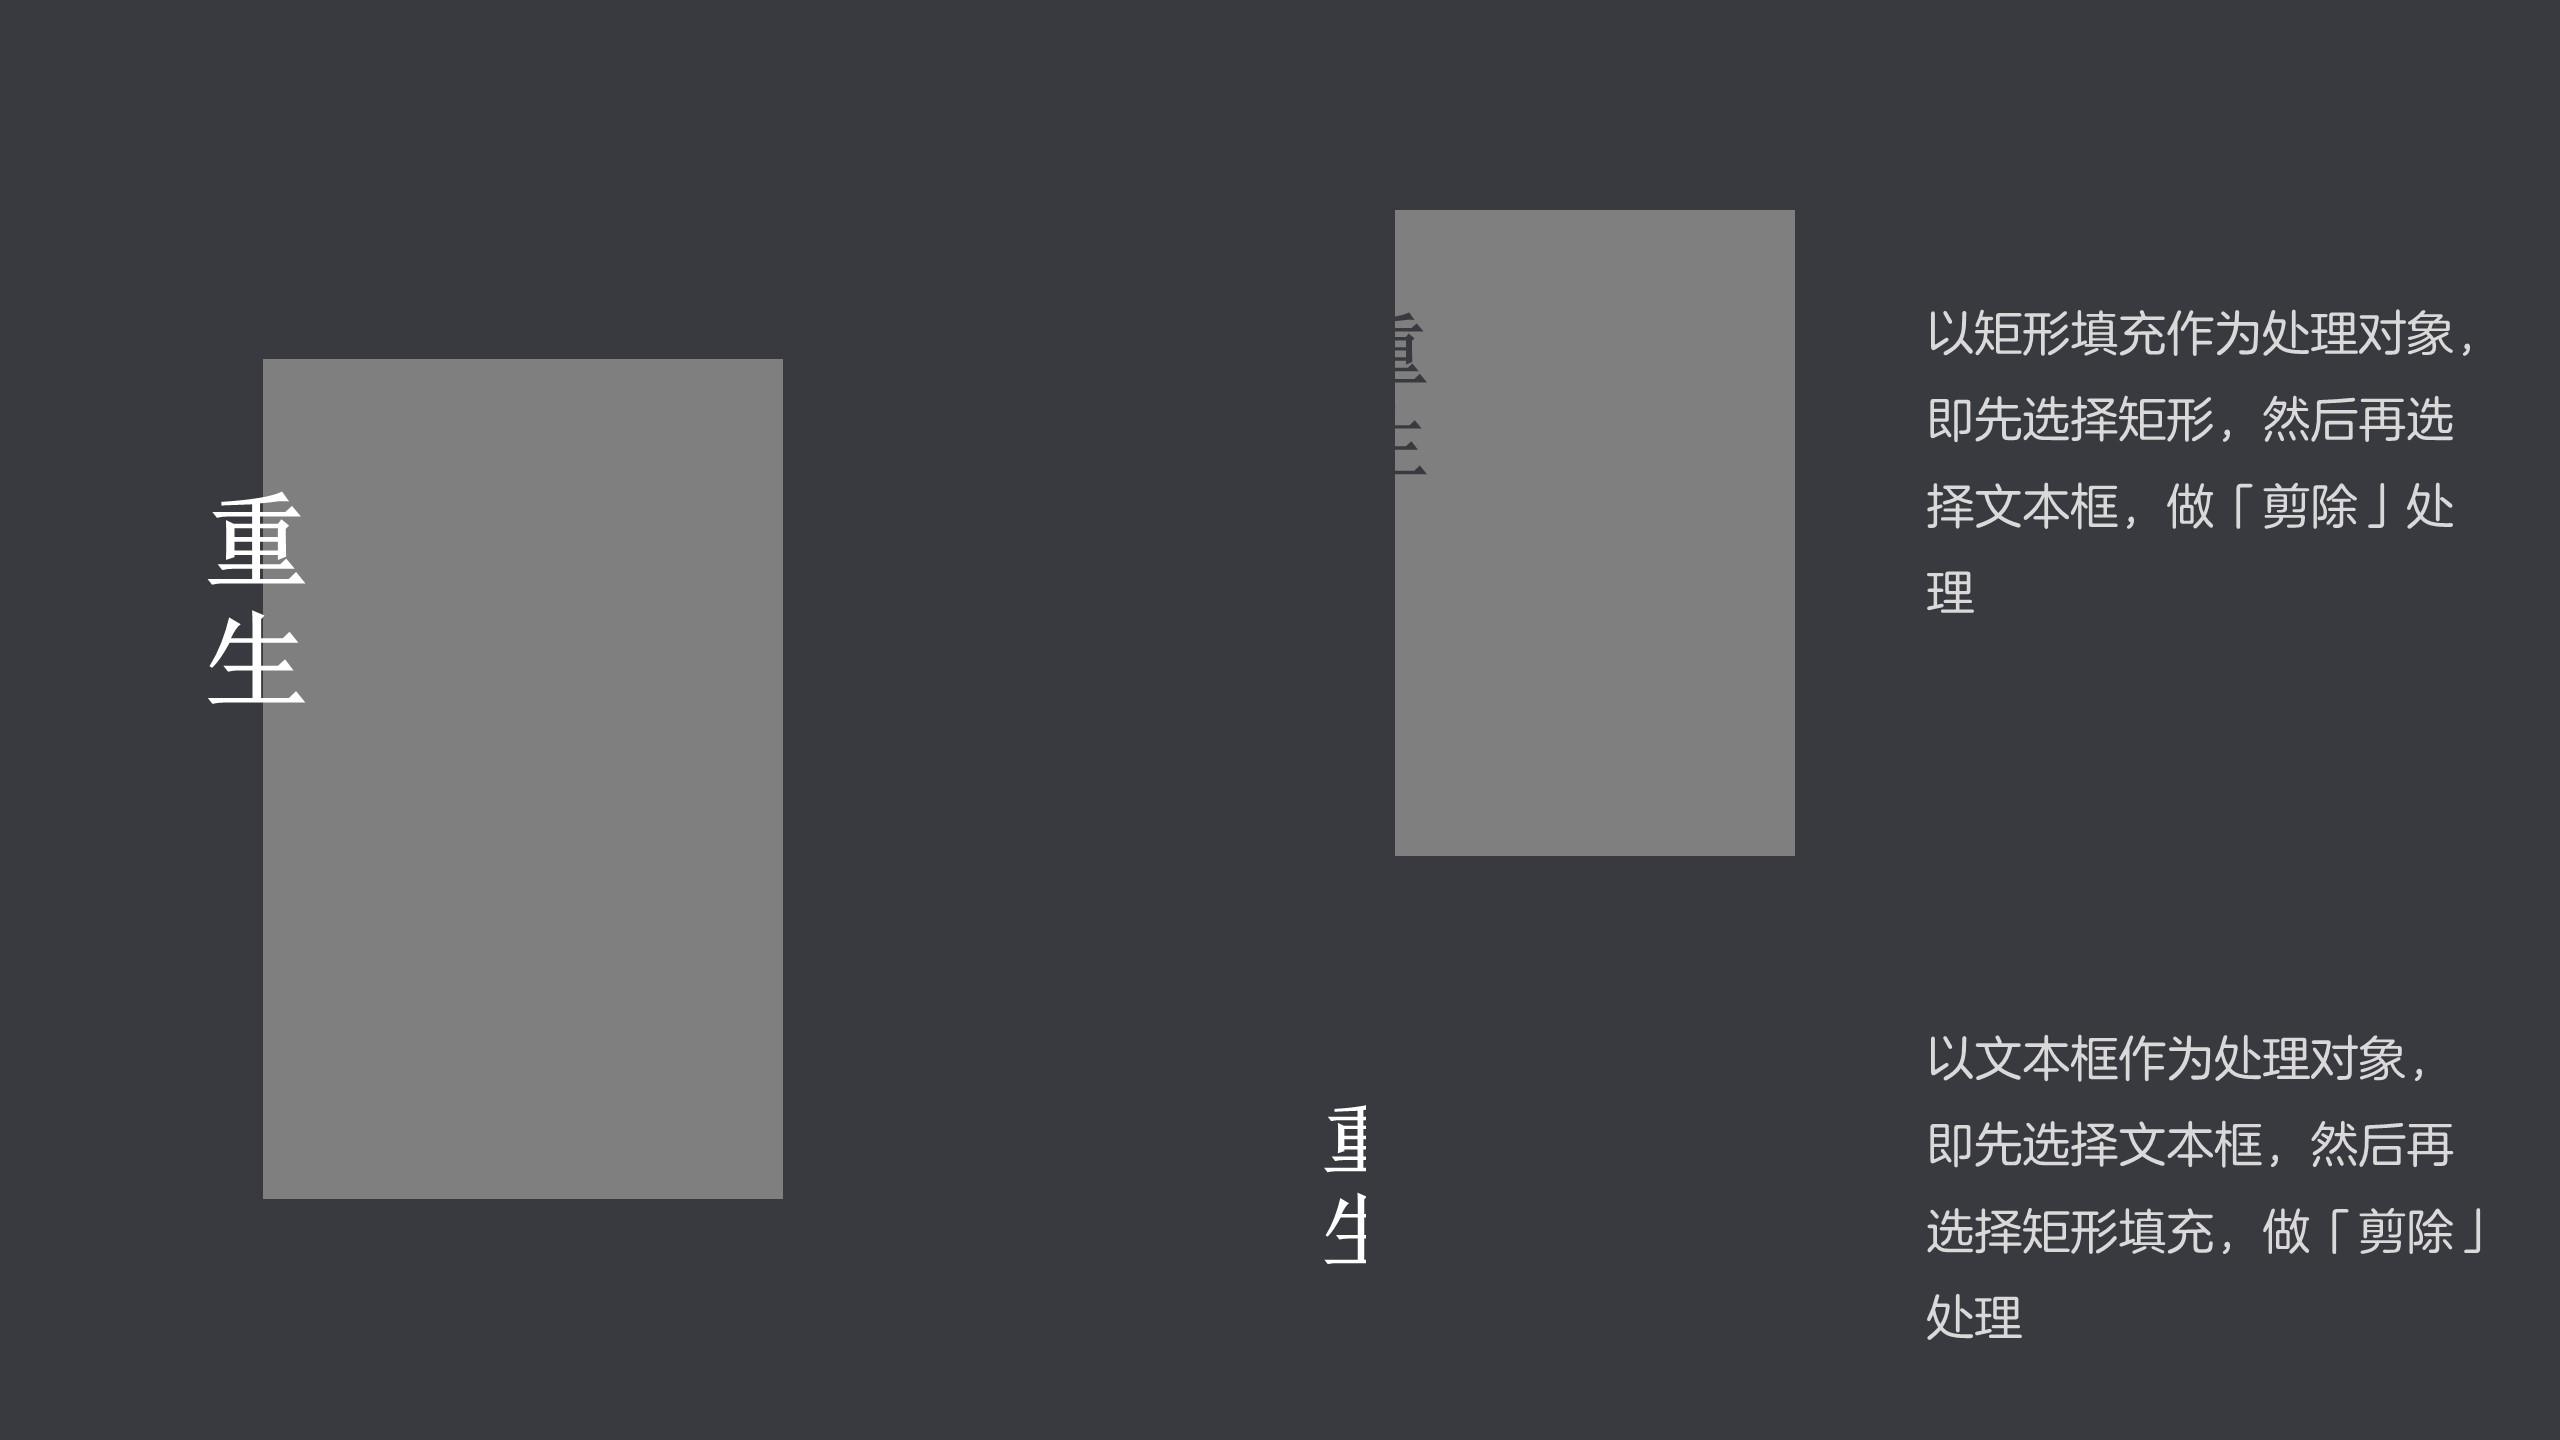 幻灯片中的布尔运算-15